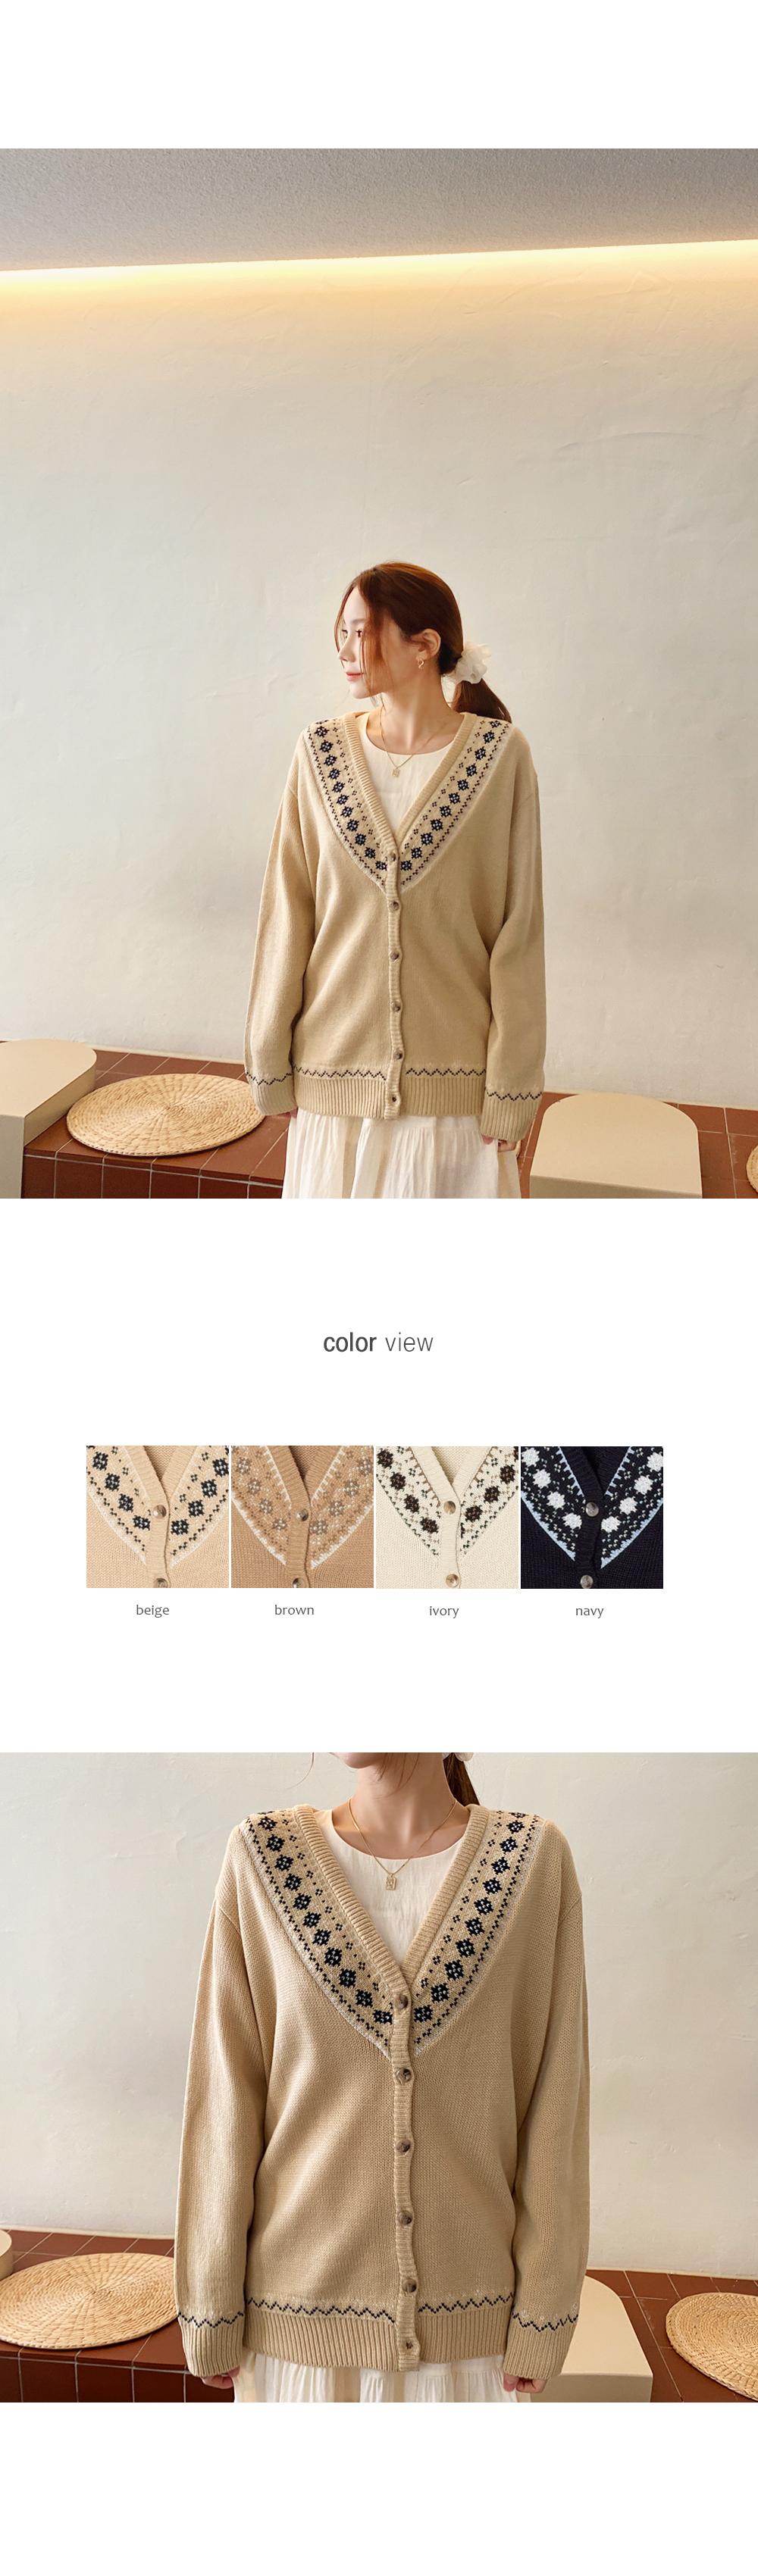 Subtle Pattern V-neck Cardigan